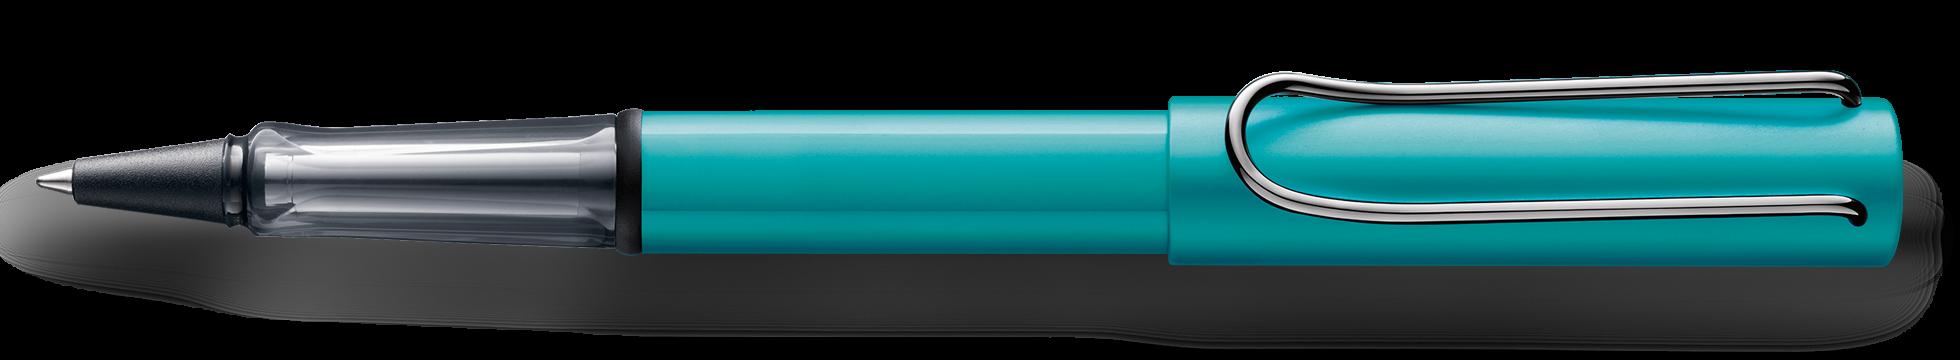 LAMY AL-star turmaline Roller Kalem - Özel Üretim Rengi